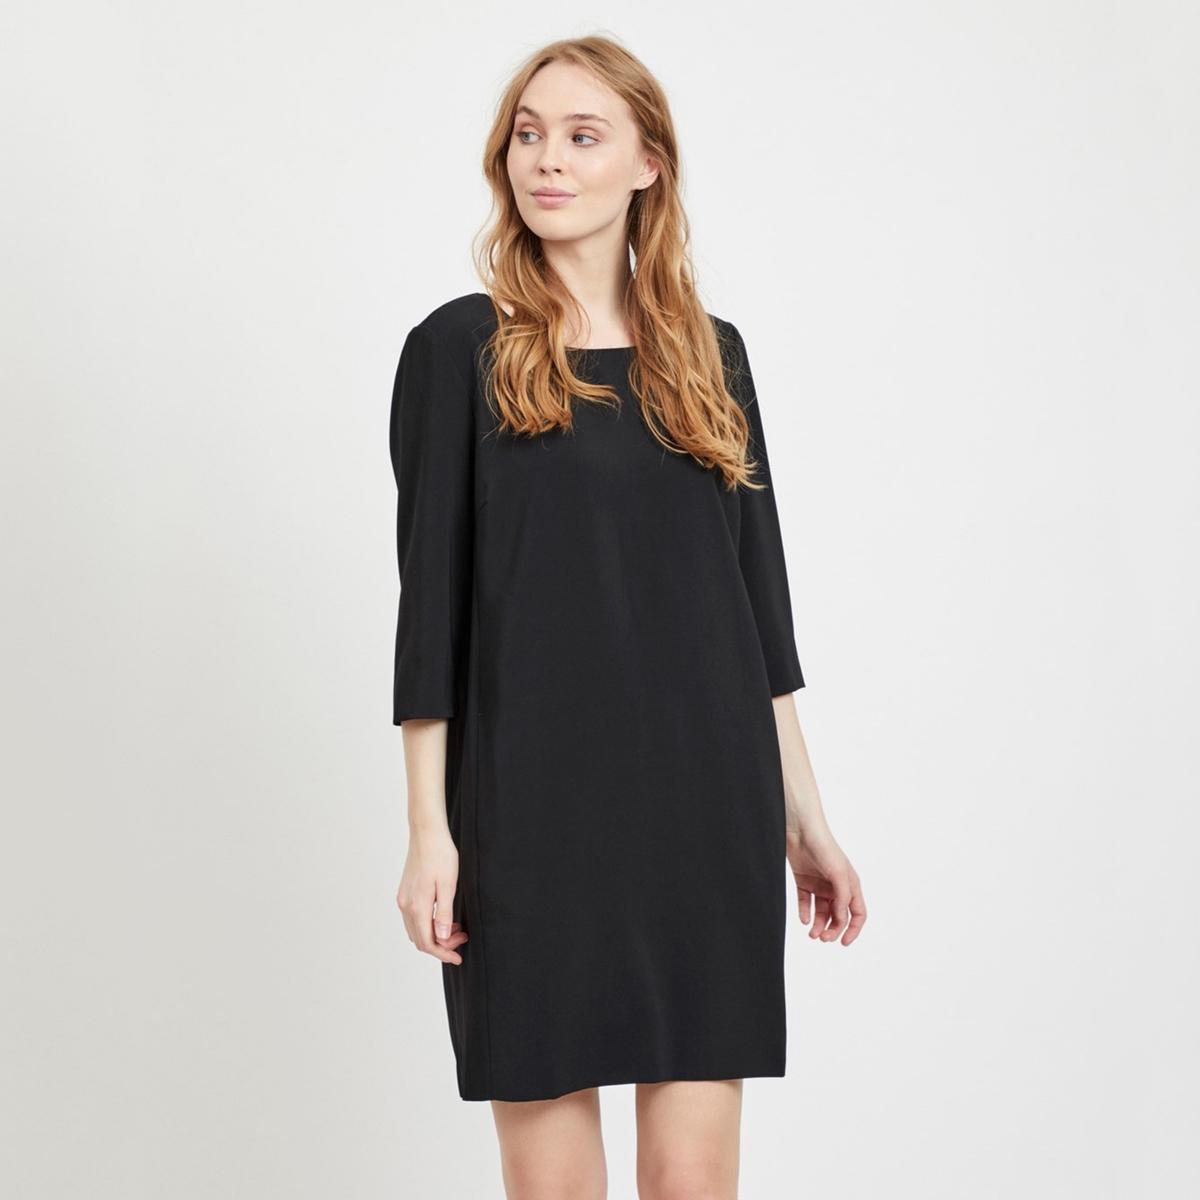 Платье La Redoute Прямое с рукавами 34 (FR) - 40 (RUS) черный платье la redoute радужное estelle 36 fr 42 rus черный